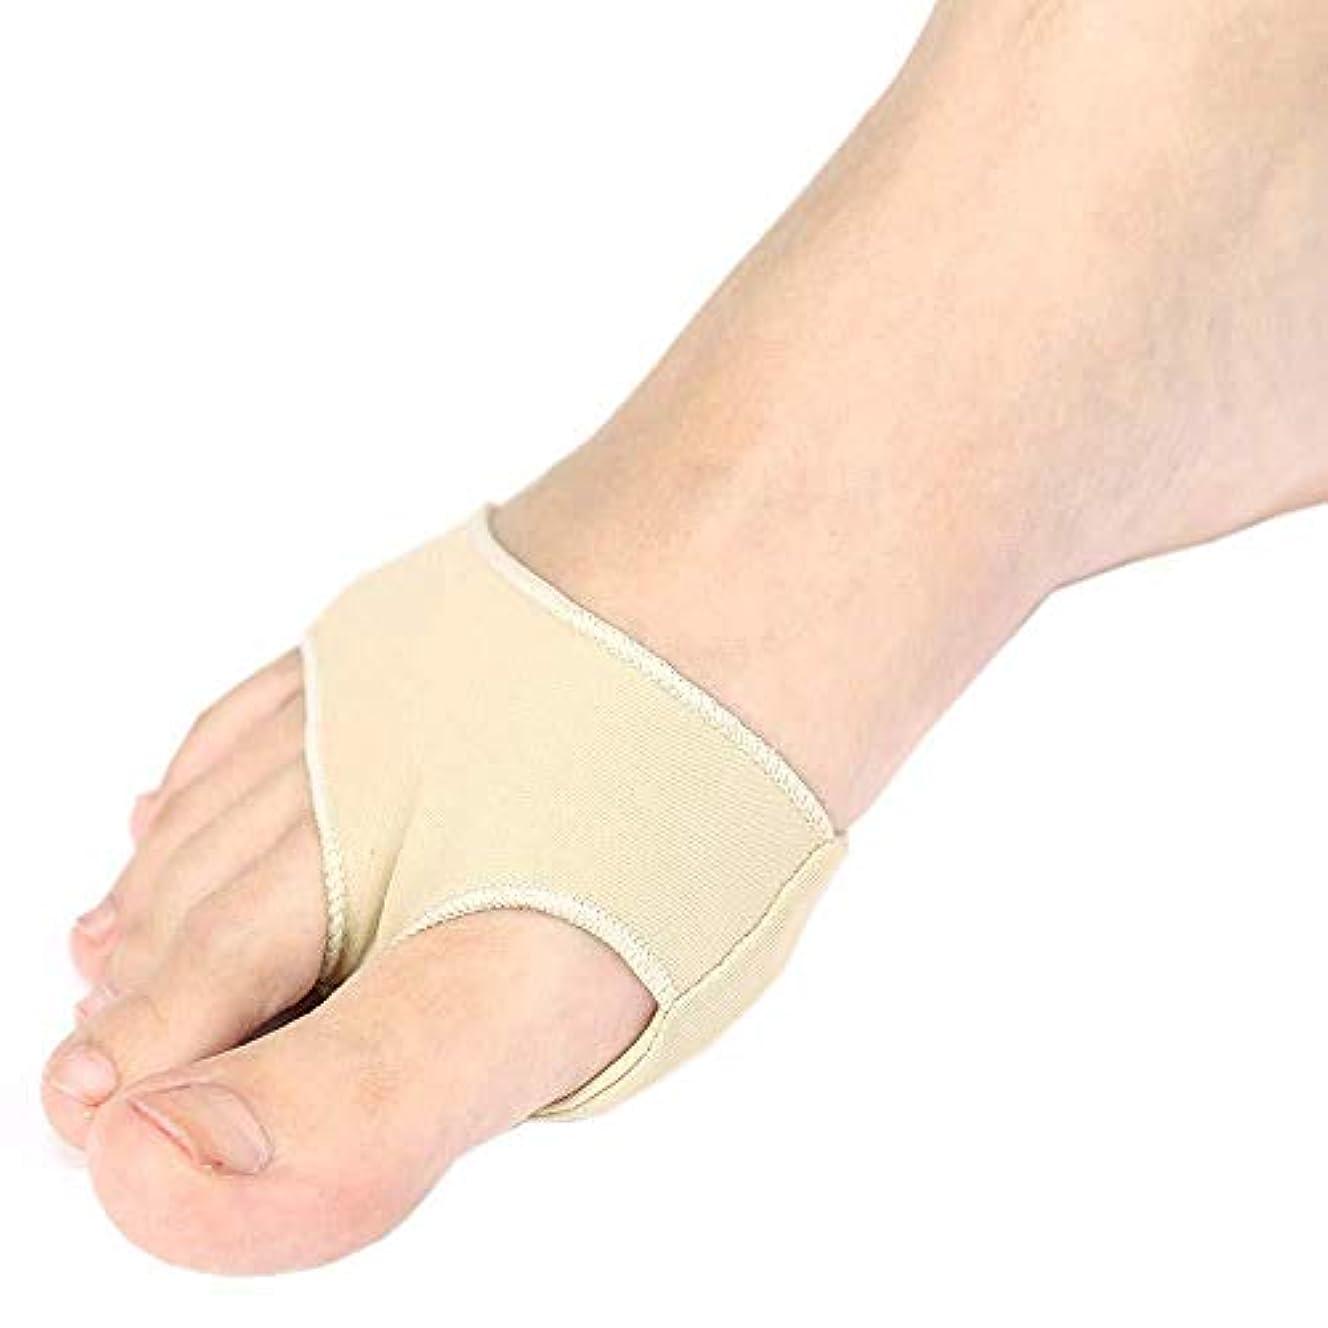 幸福バランス大理石つま先と外反の分離のためのつま先セパレーター、足の親指矯正器、つま先矯正器、装具つま先セパレーター,L